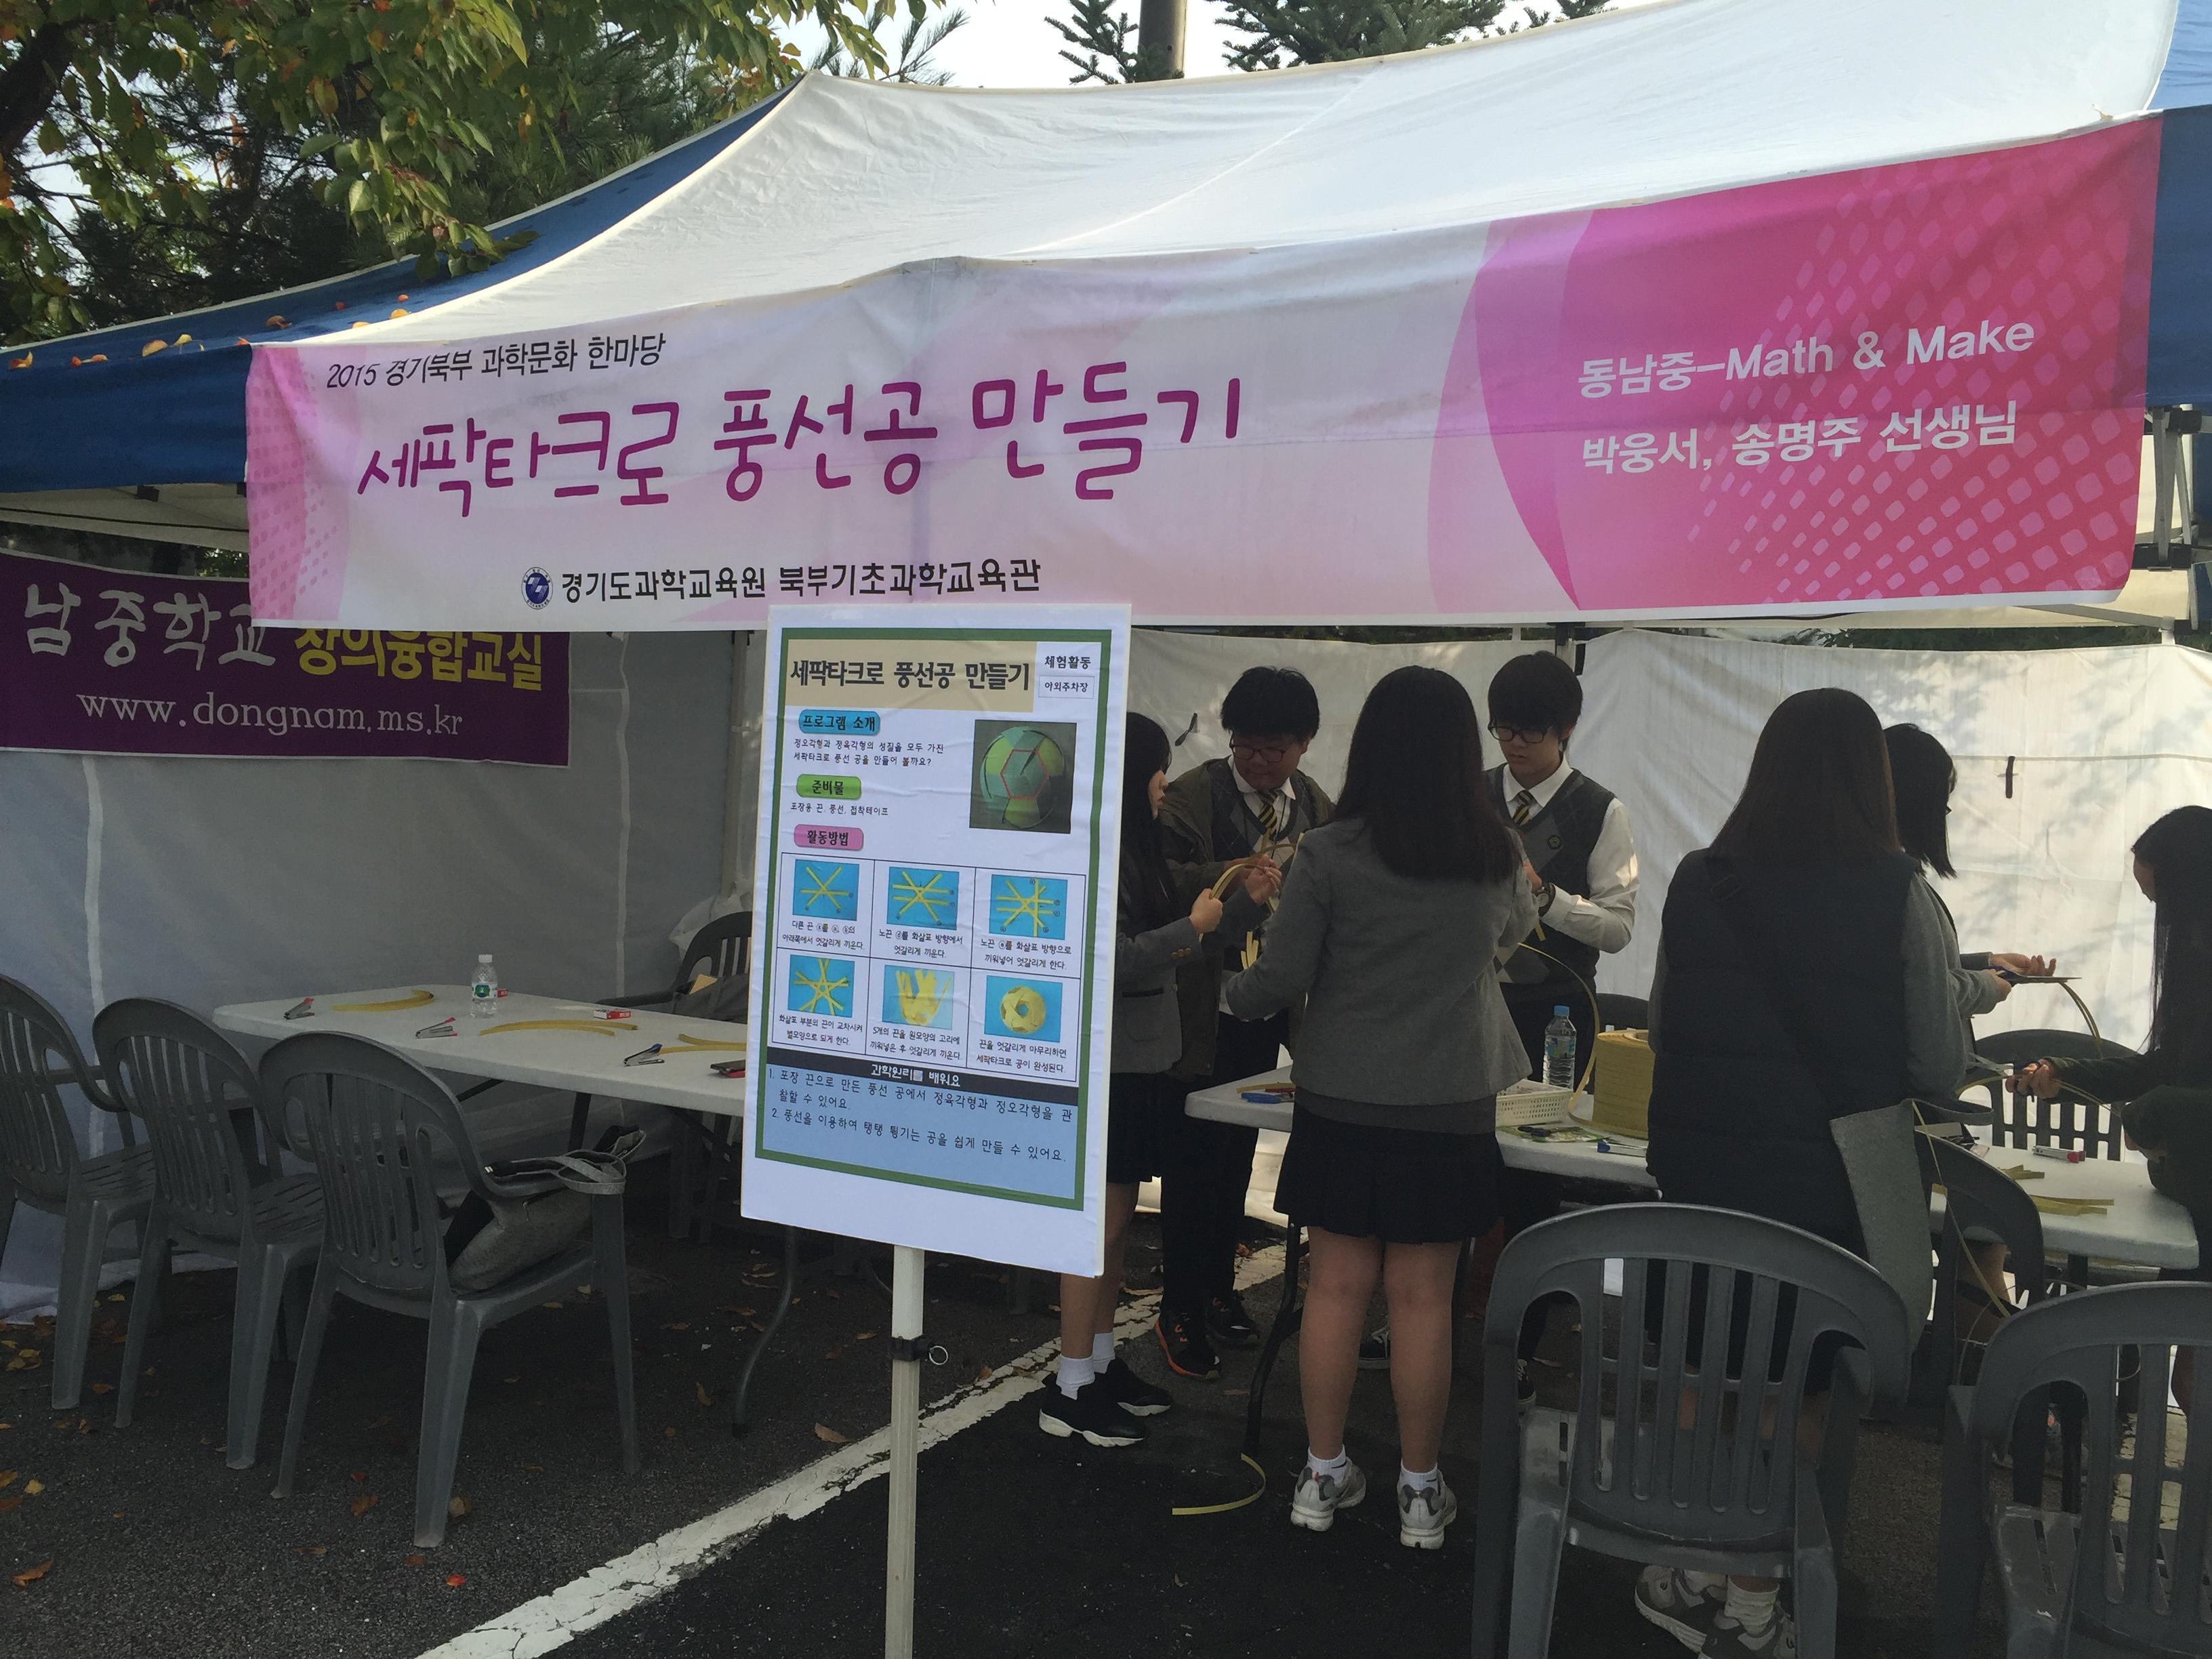 [일반] 2015 경기북부 과학문화 행사 부스운영의 첨부이미지 1